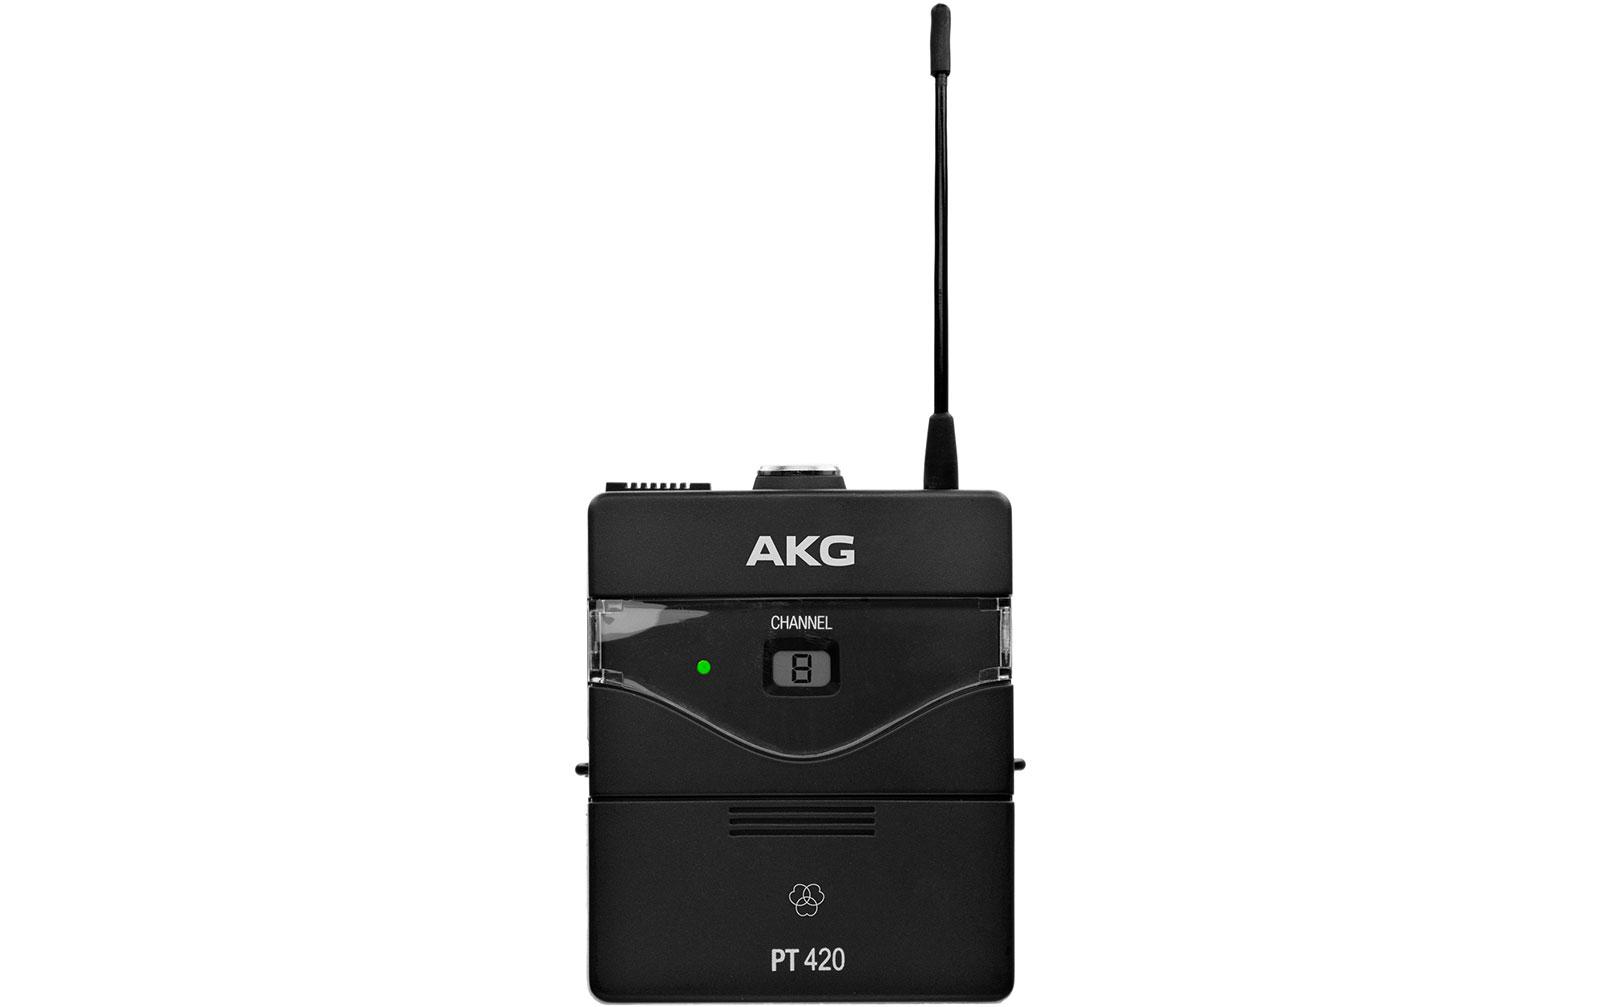 AKG PT420 - 748-752 MHz, B1